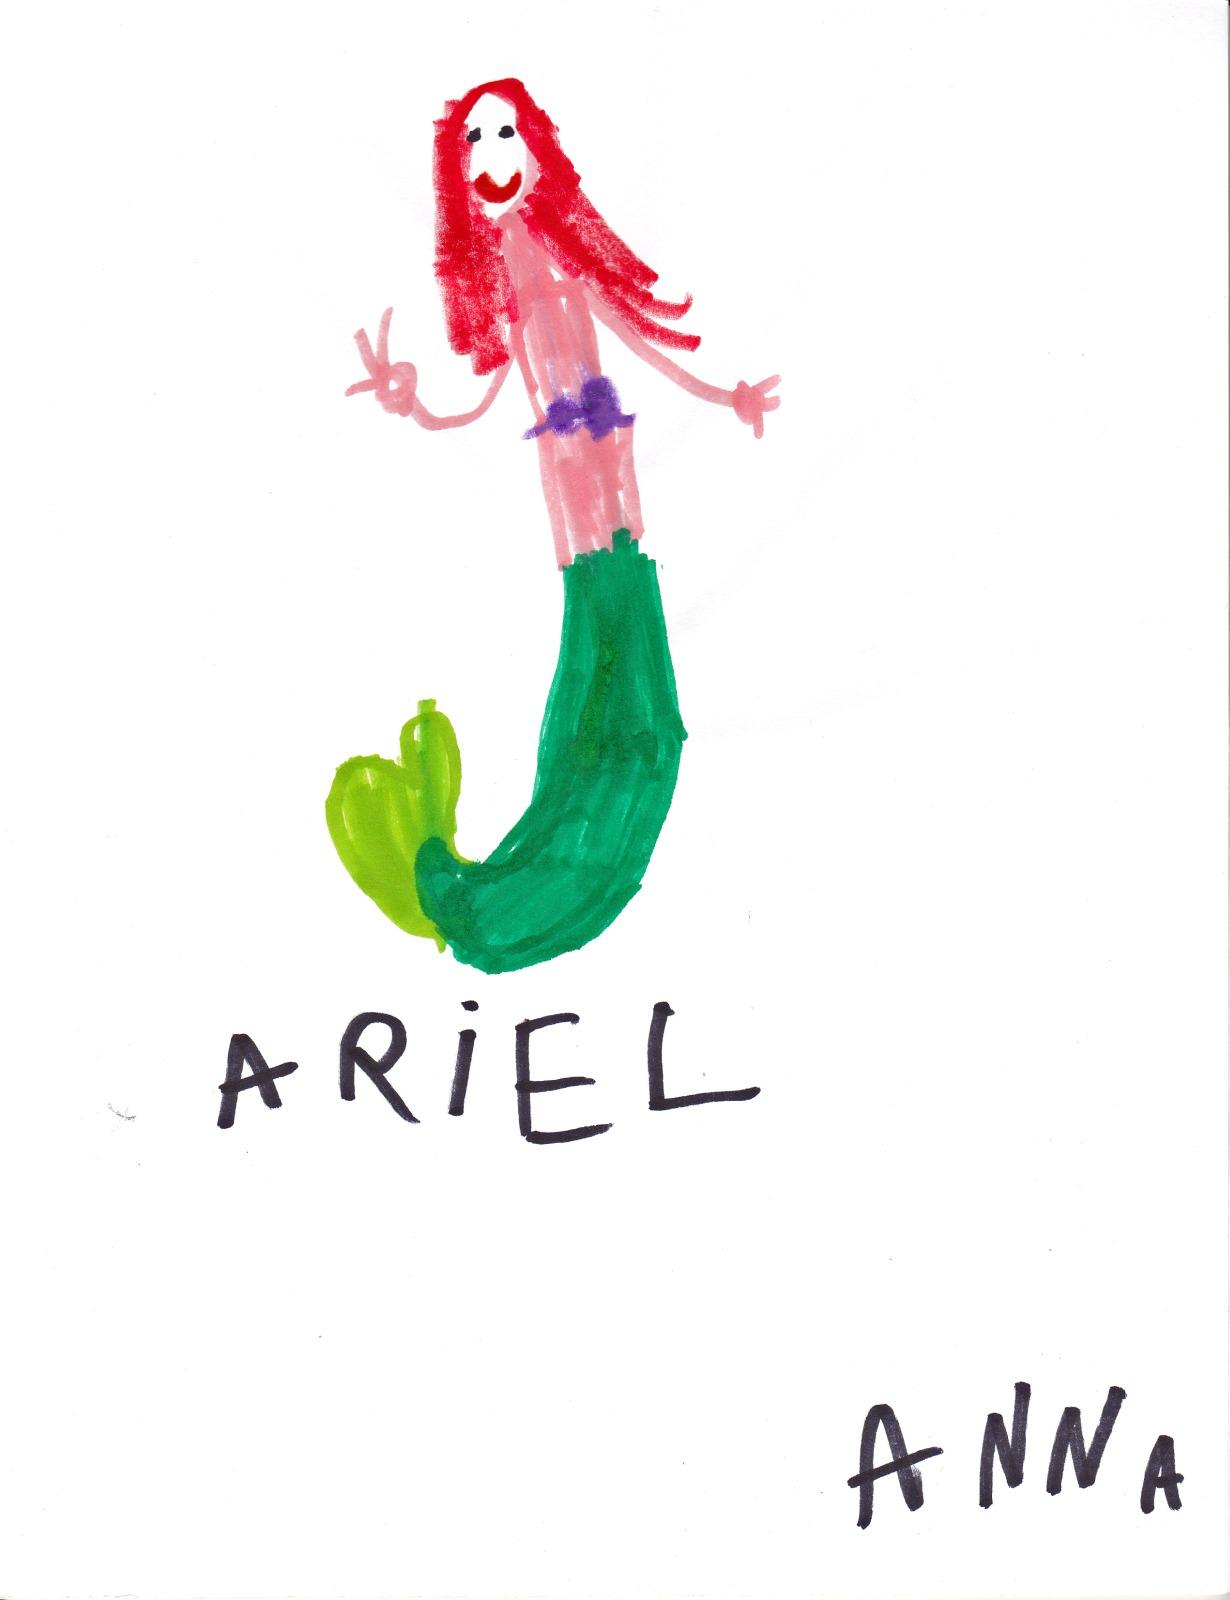 Ariel, artwork by Anna McLaughlin